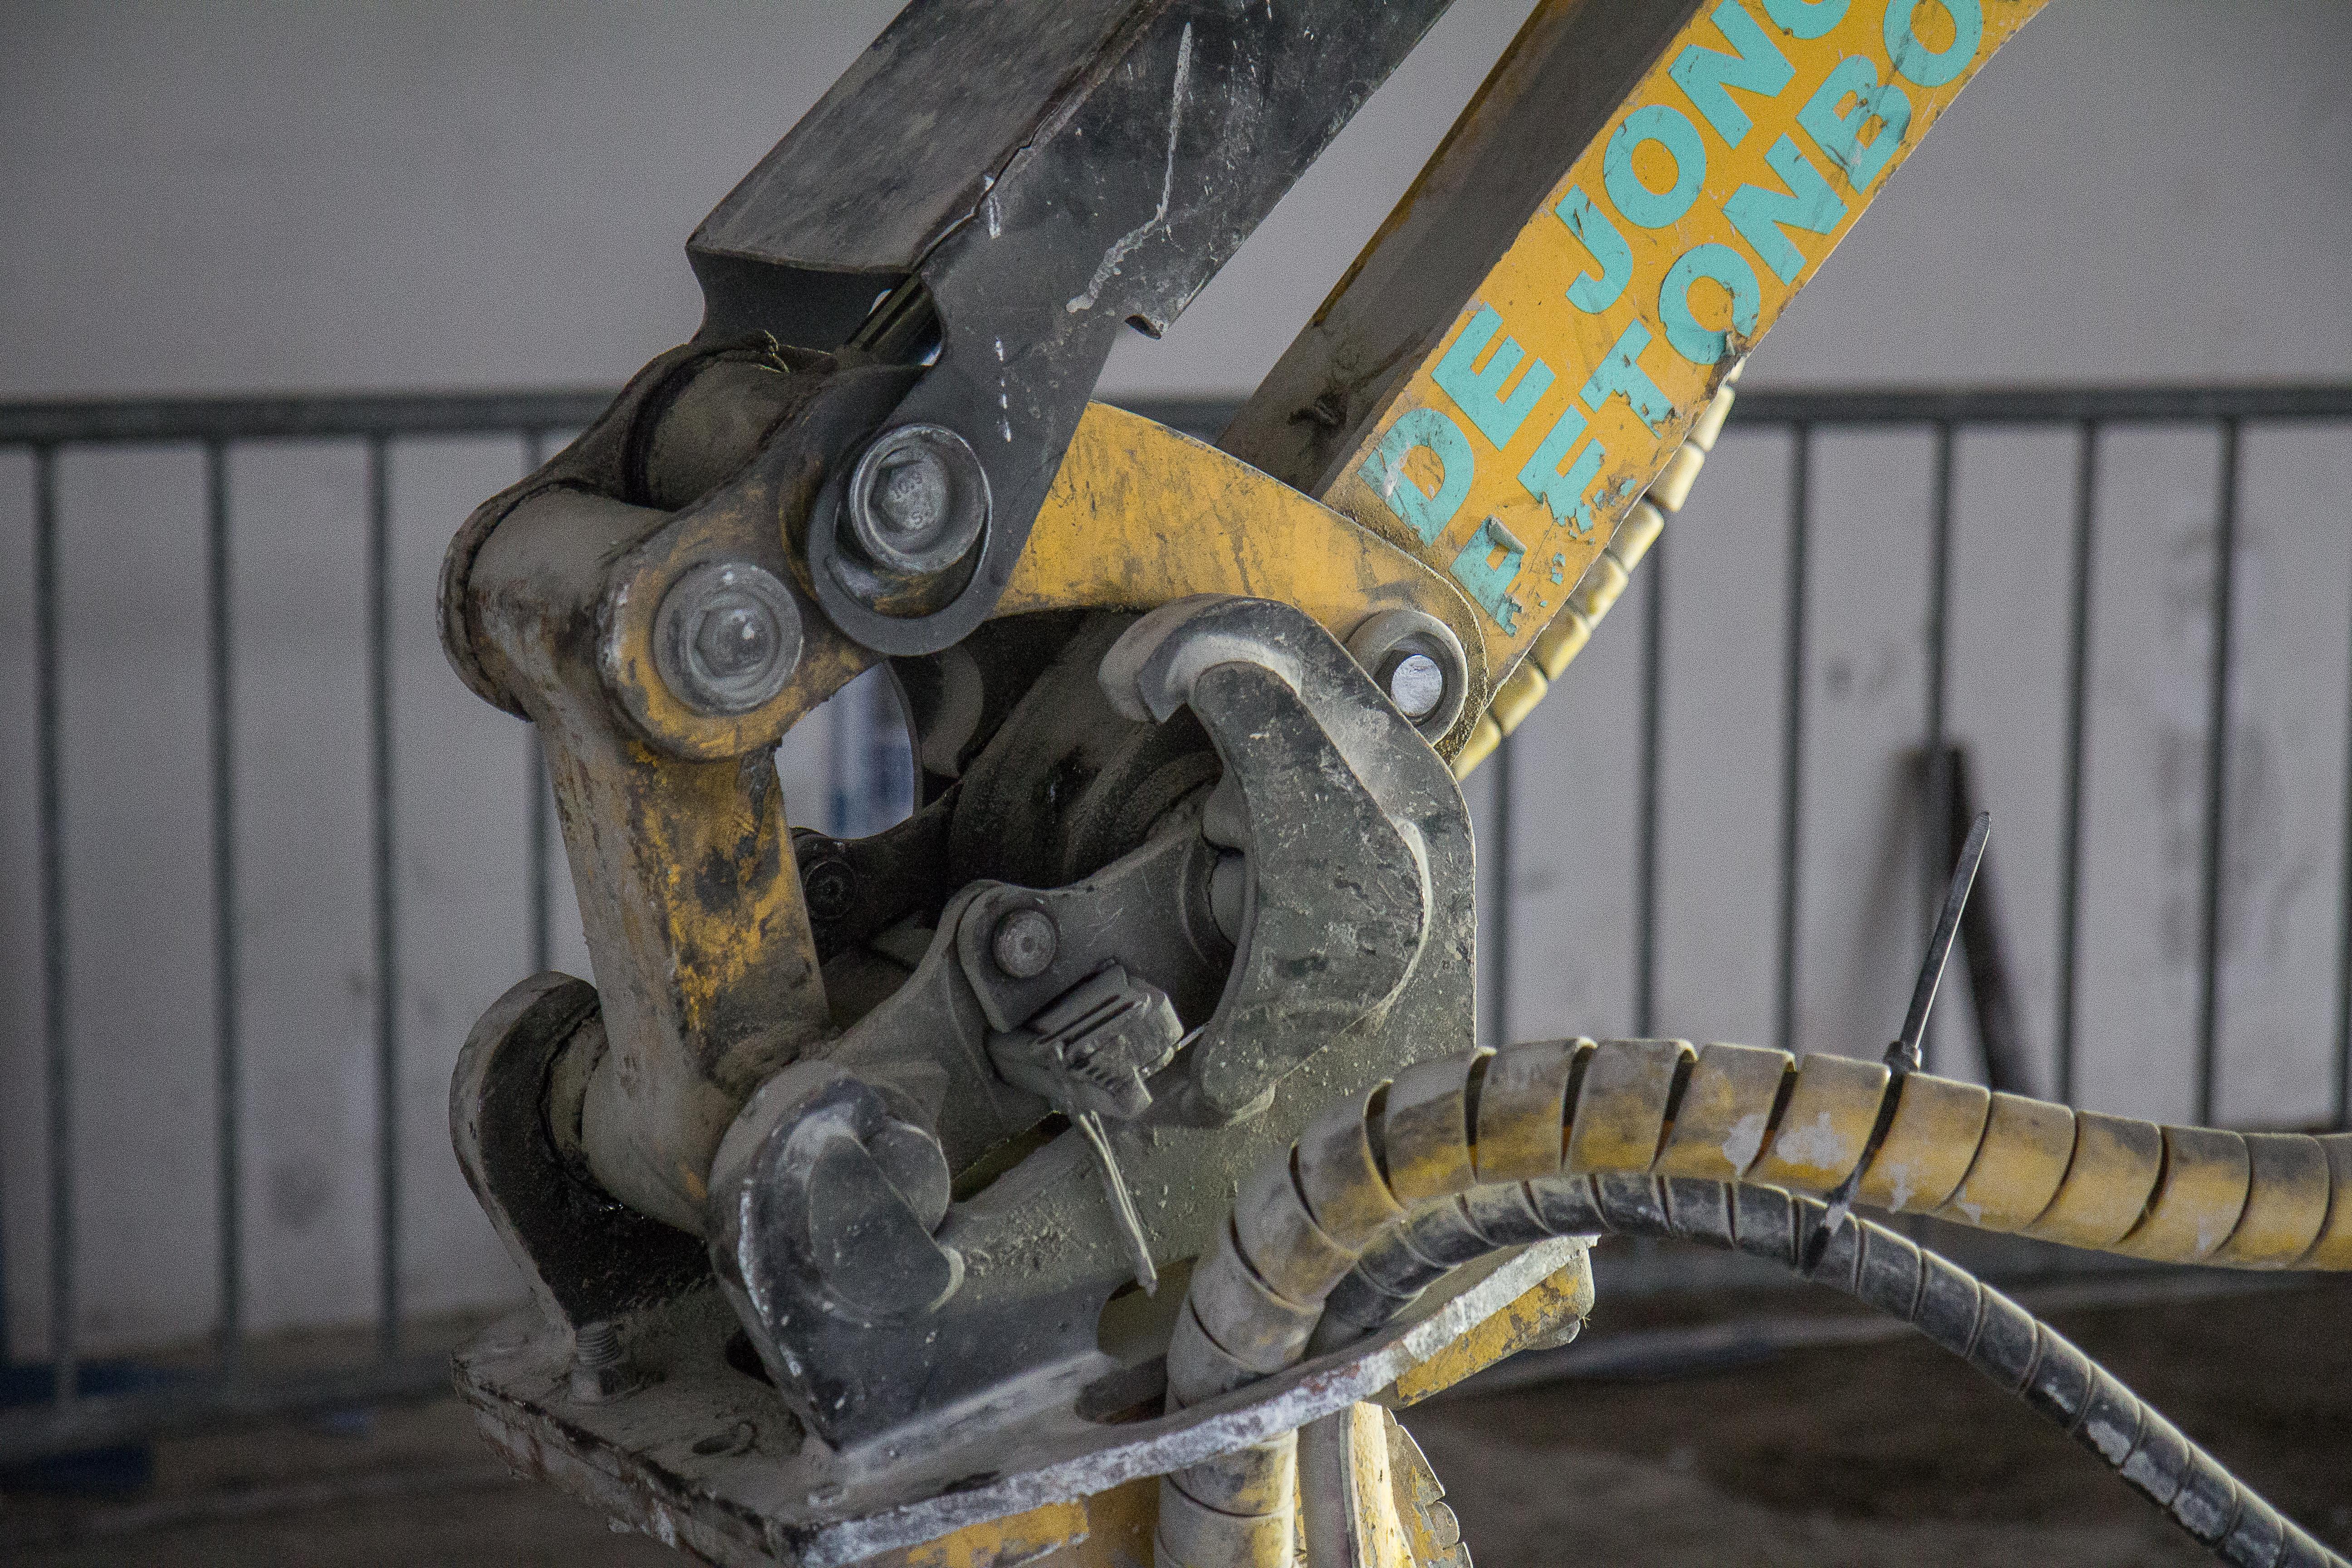 <p>Brokk produceert een eigen snelwissel voor de robots. Deze is licht en met 40-millimeter-assen toch sterk. Er zijn twee standen waarin je een tool kunt aankoppelen.</p>